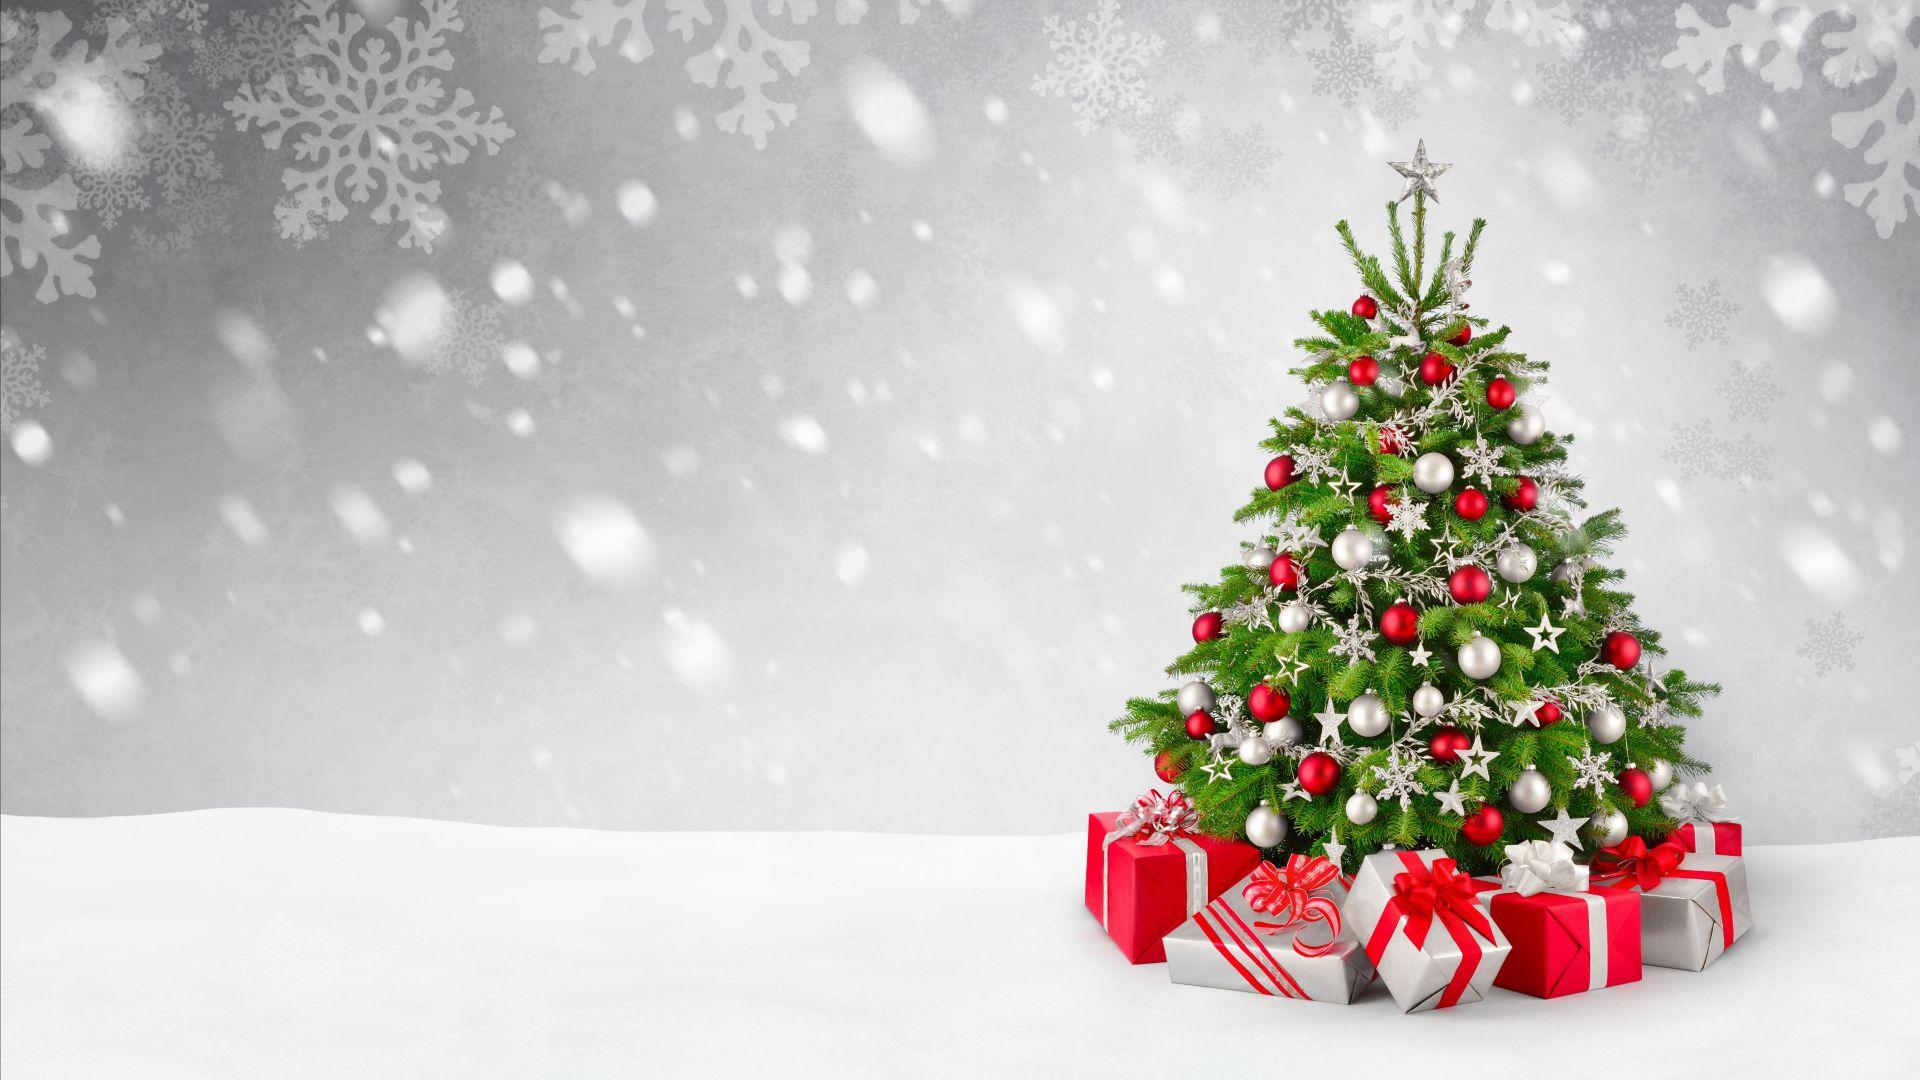 Новый год и рождество предложения